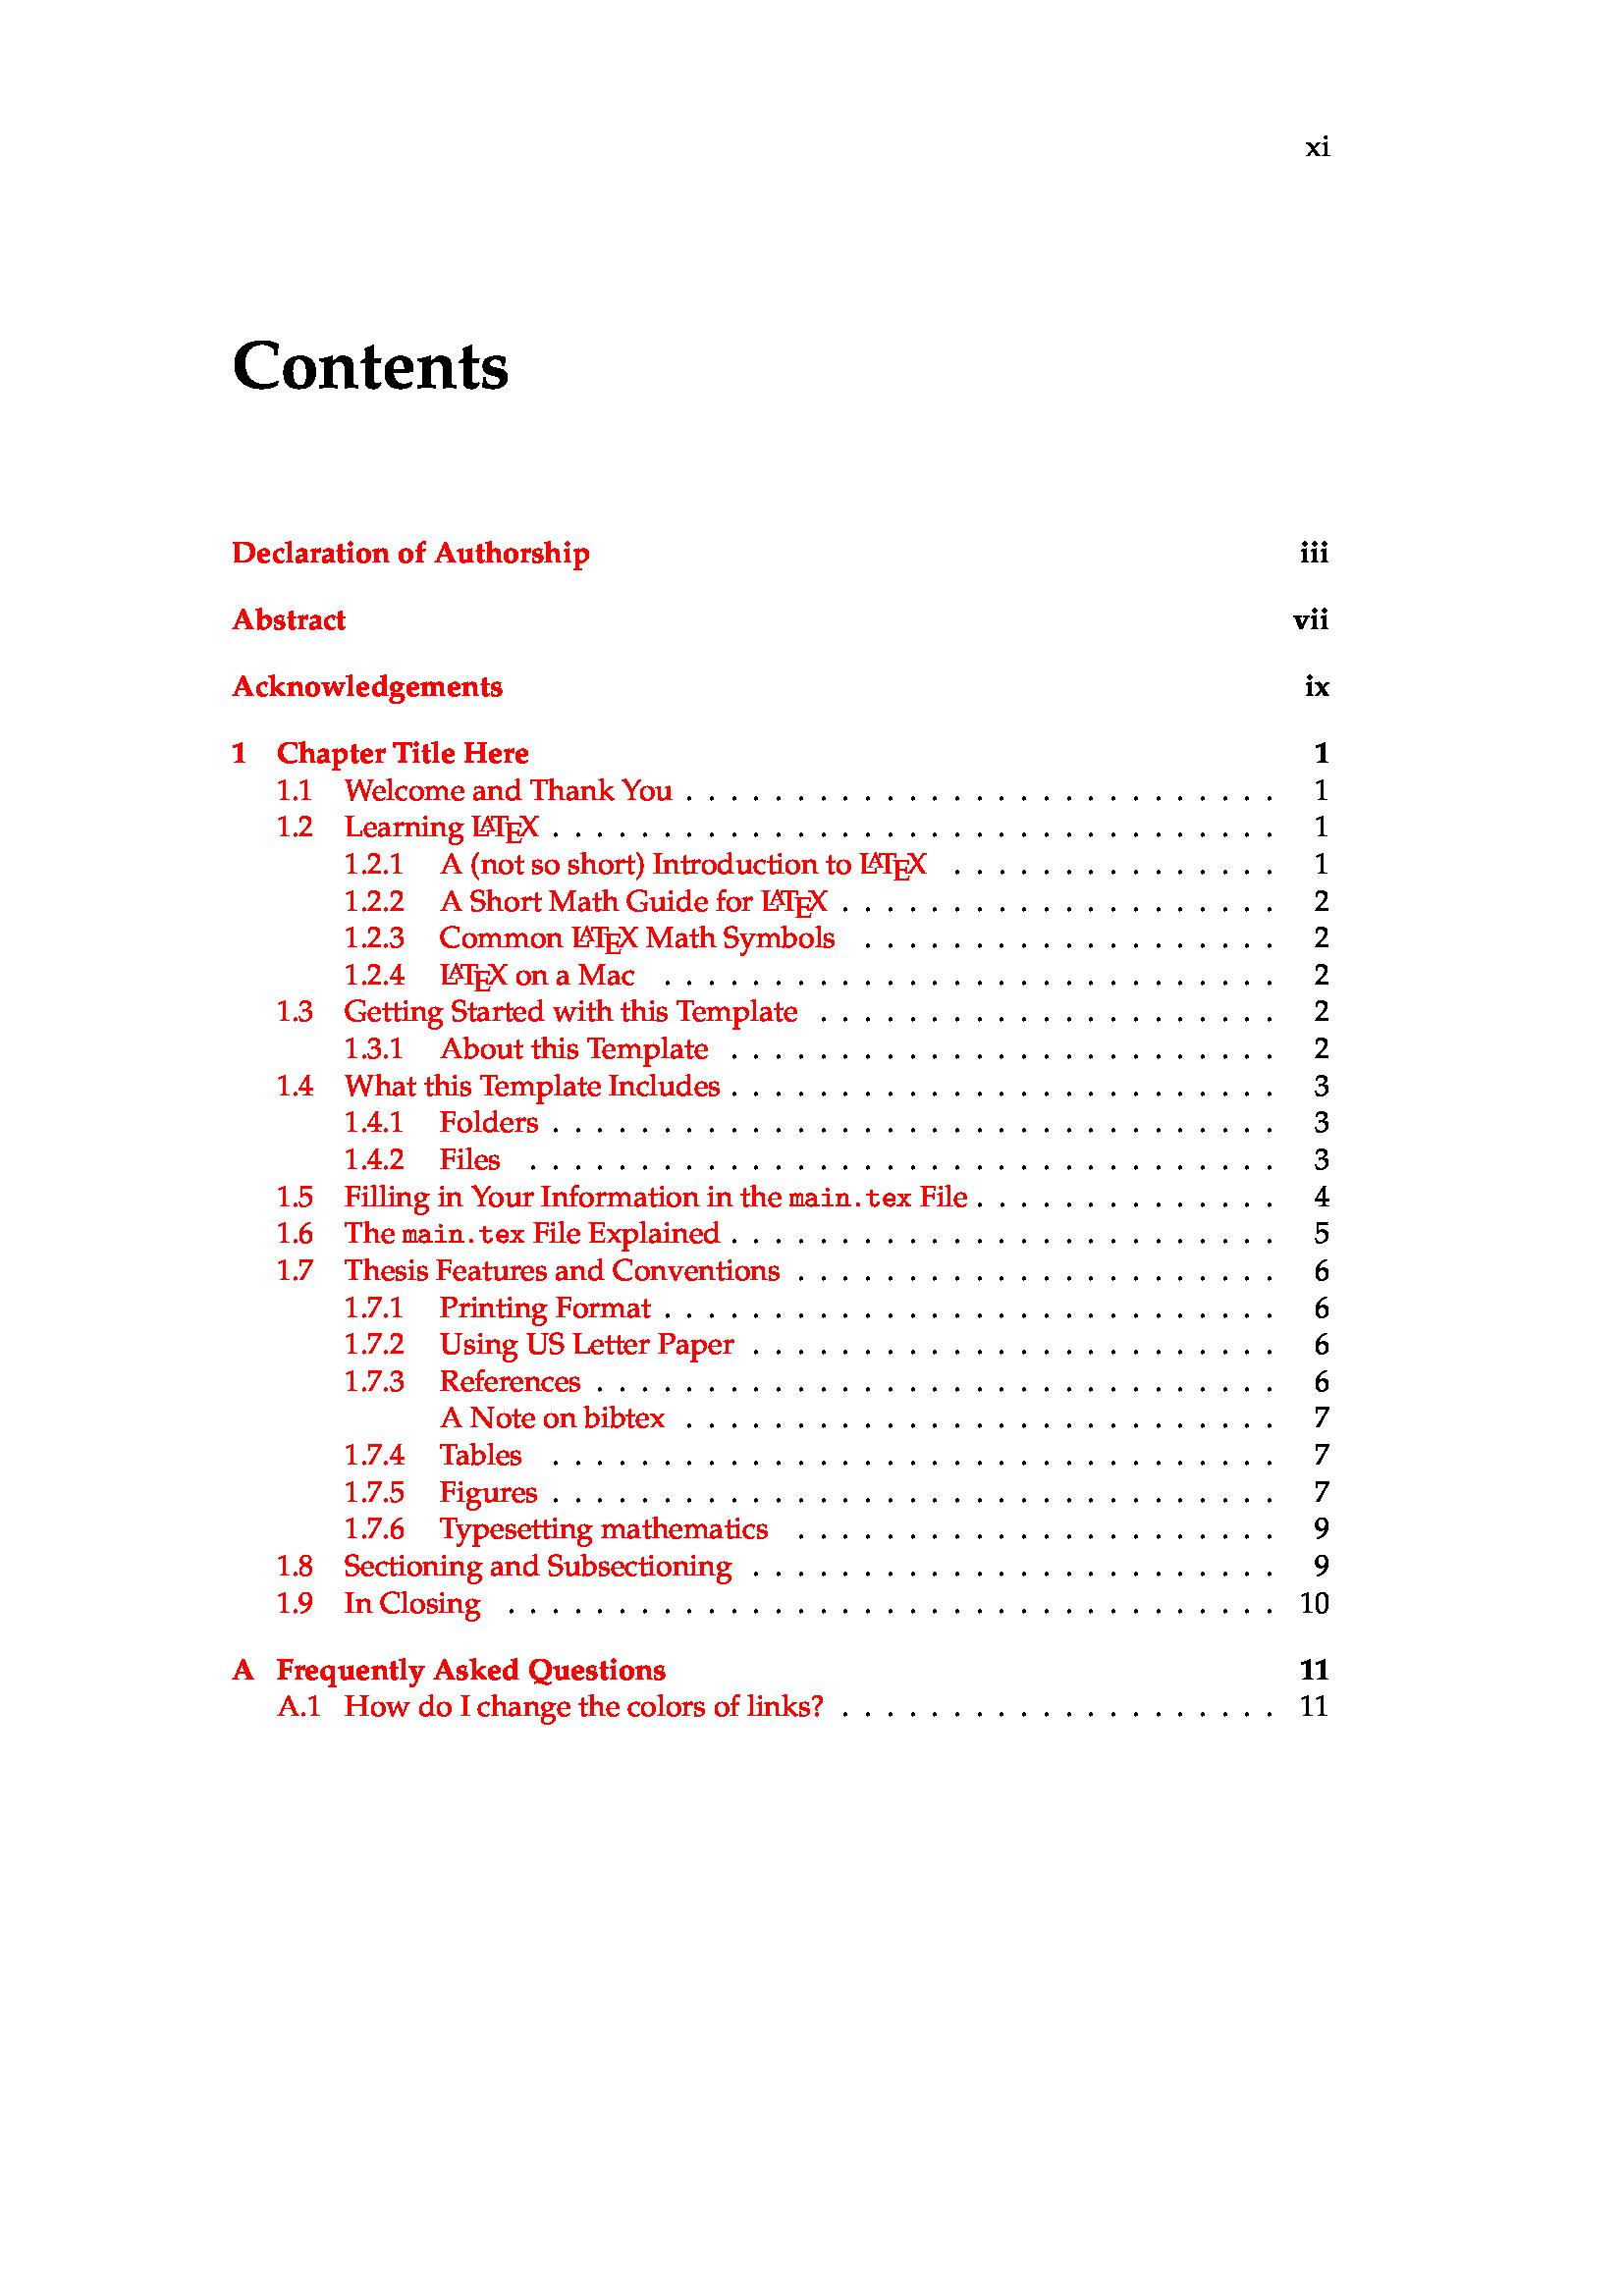 一个典型的英文毕业论文 LaTeX 模板